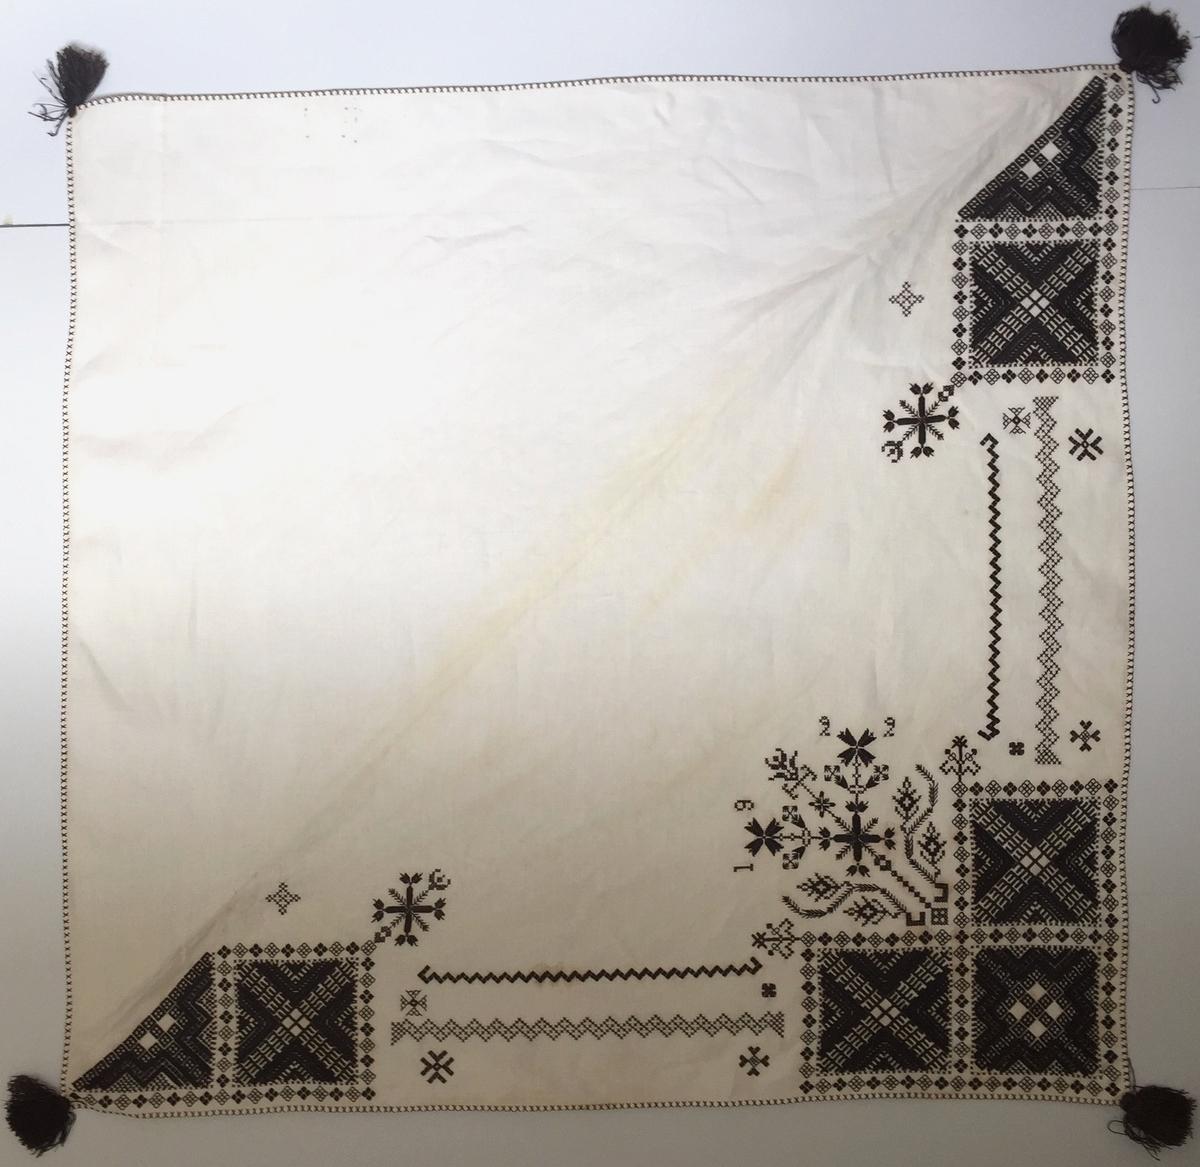 Geometriskt mönster i kvadrater i hörnen, bårder mellan kvadraterna på ryggsnibb och framsnibbar. På ryggsnibben tre kvadrater och en blomsterdekoration samt märkning med årtal. På varje framsnibb en kvadrat och en trekant. Ornament i korsstygn, plattsöm och sticksöm.